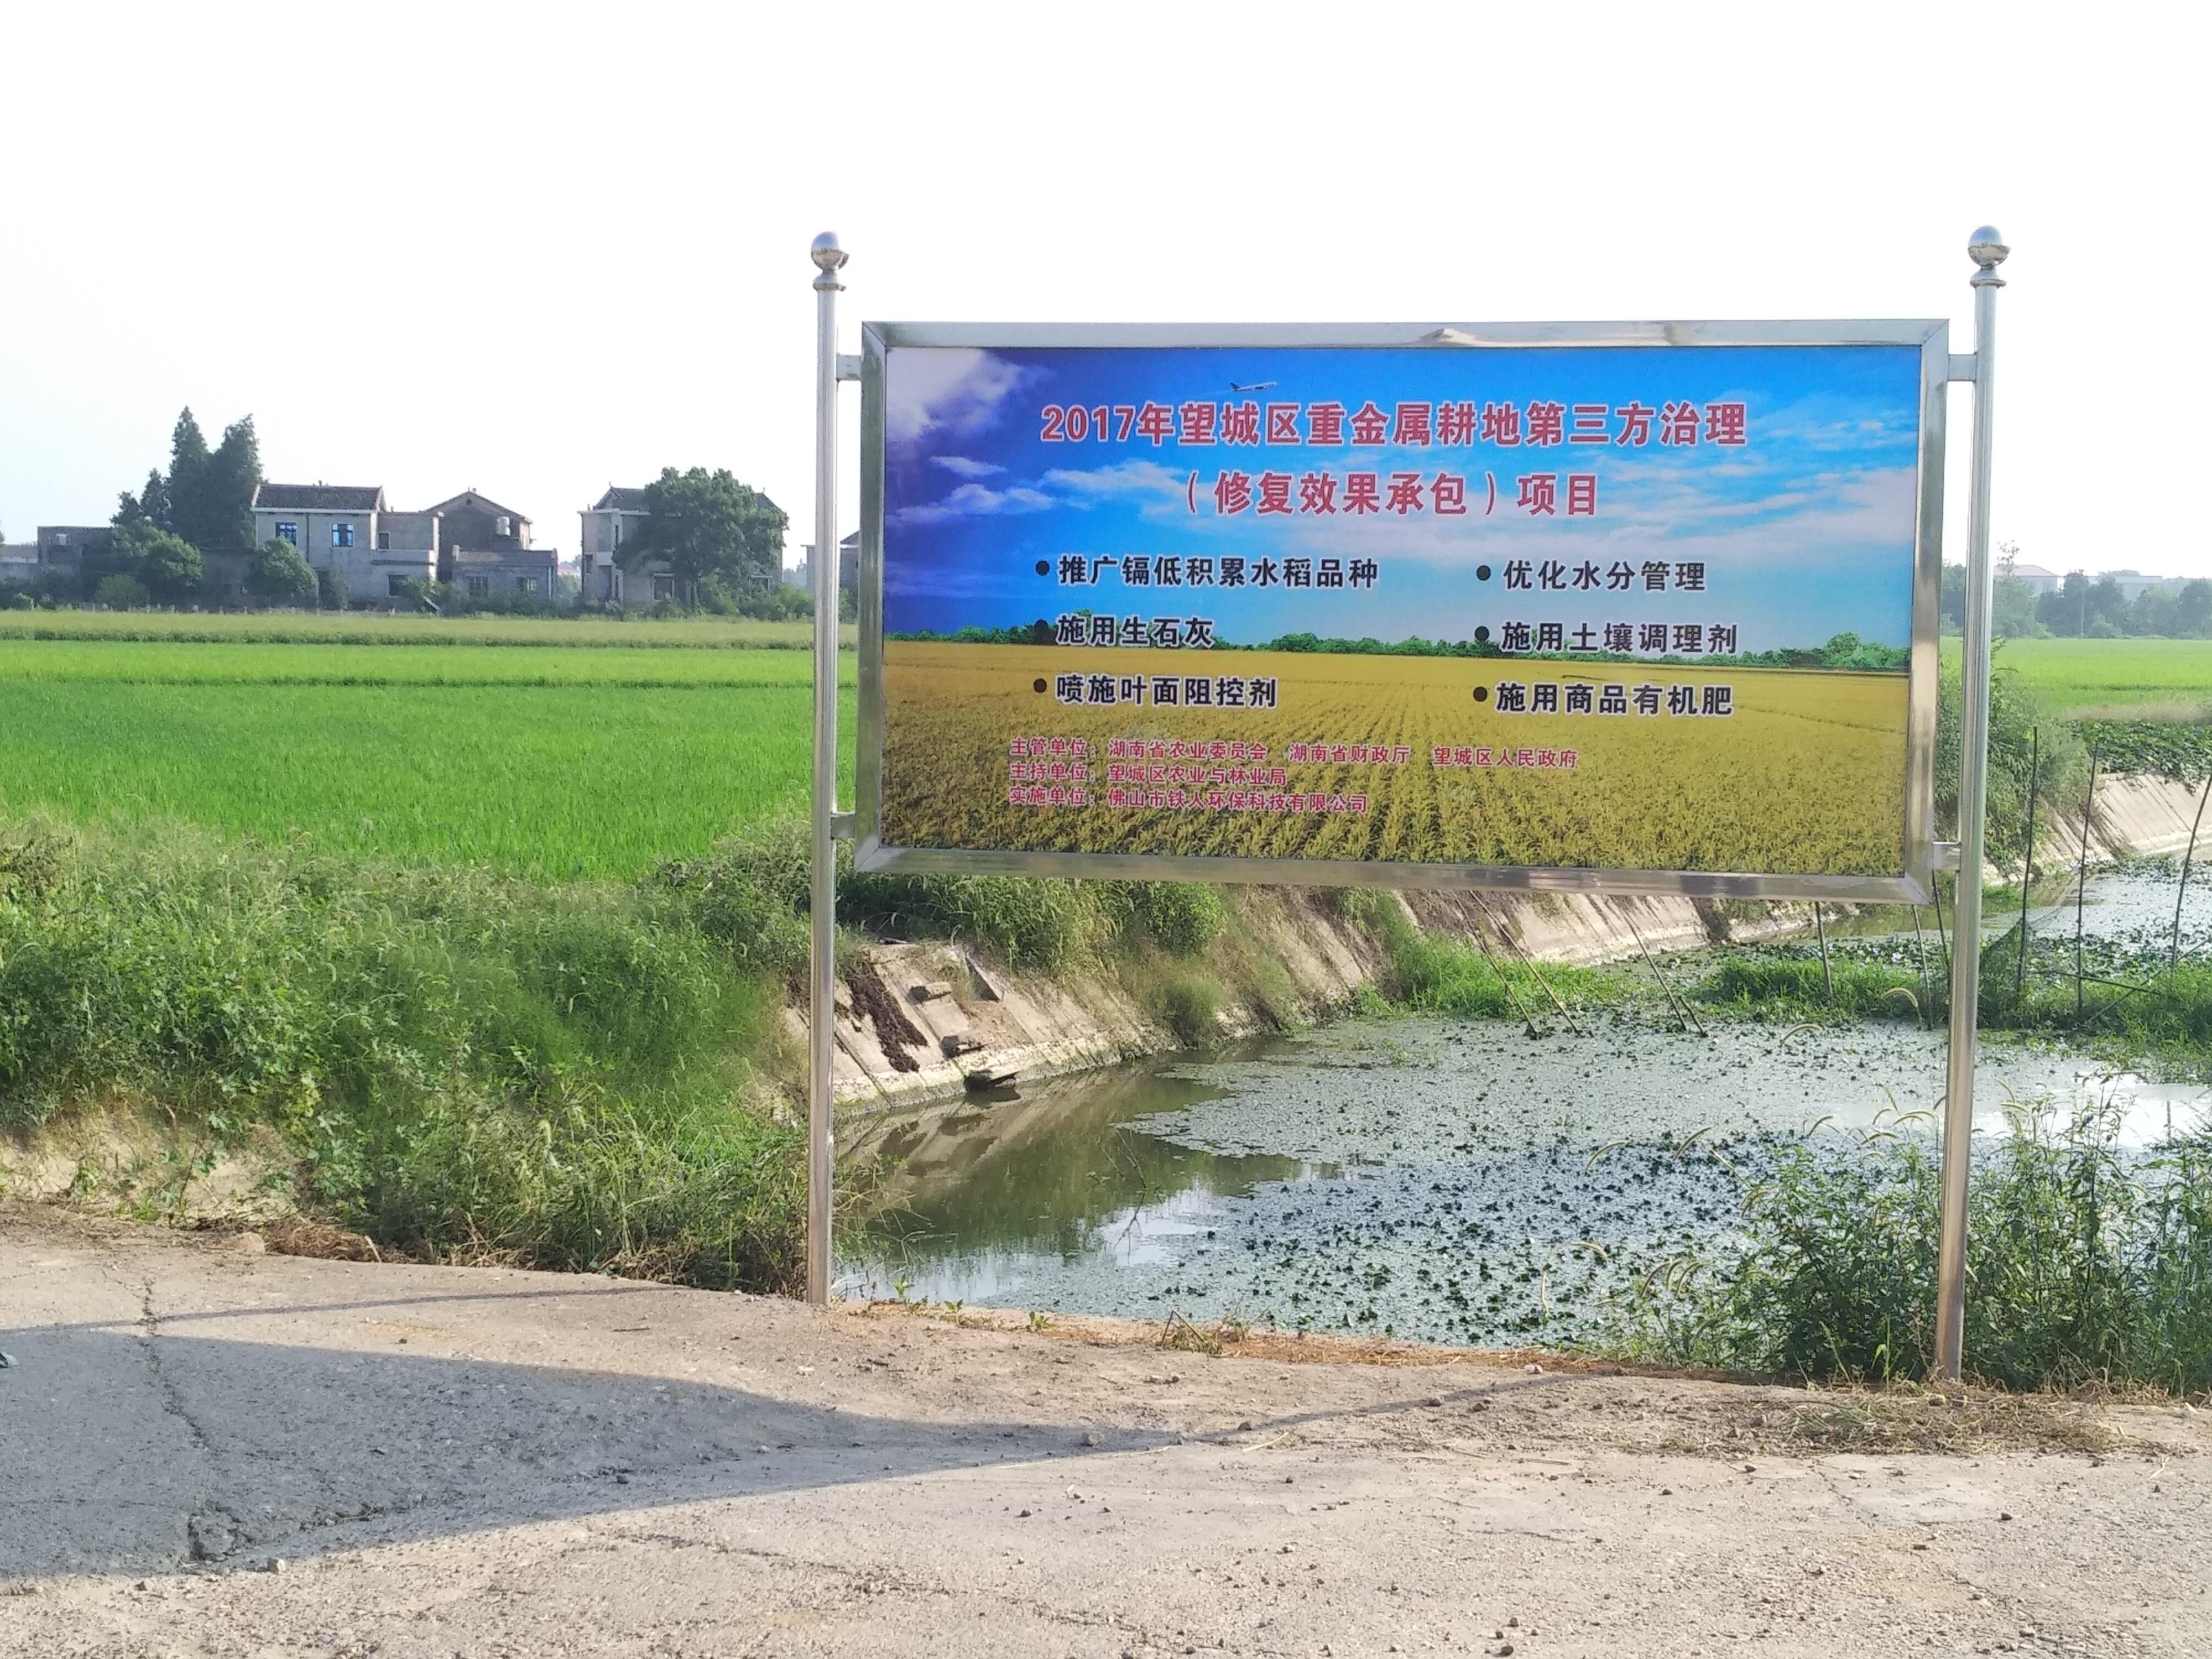 丰富的土壤重金属污染修复经验(公司)